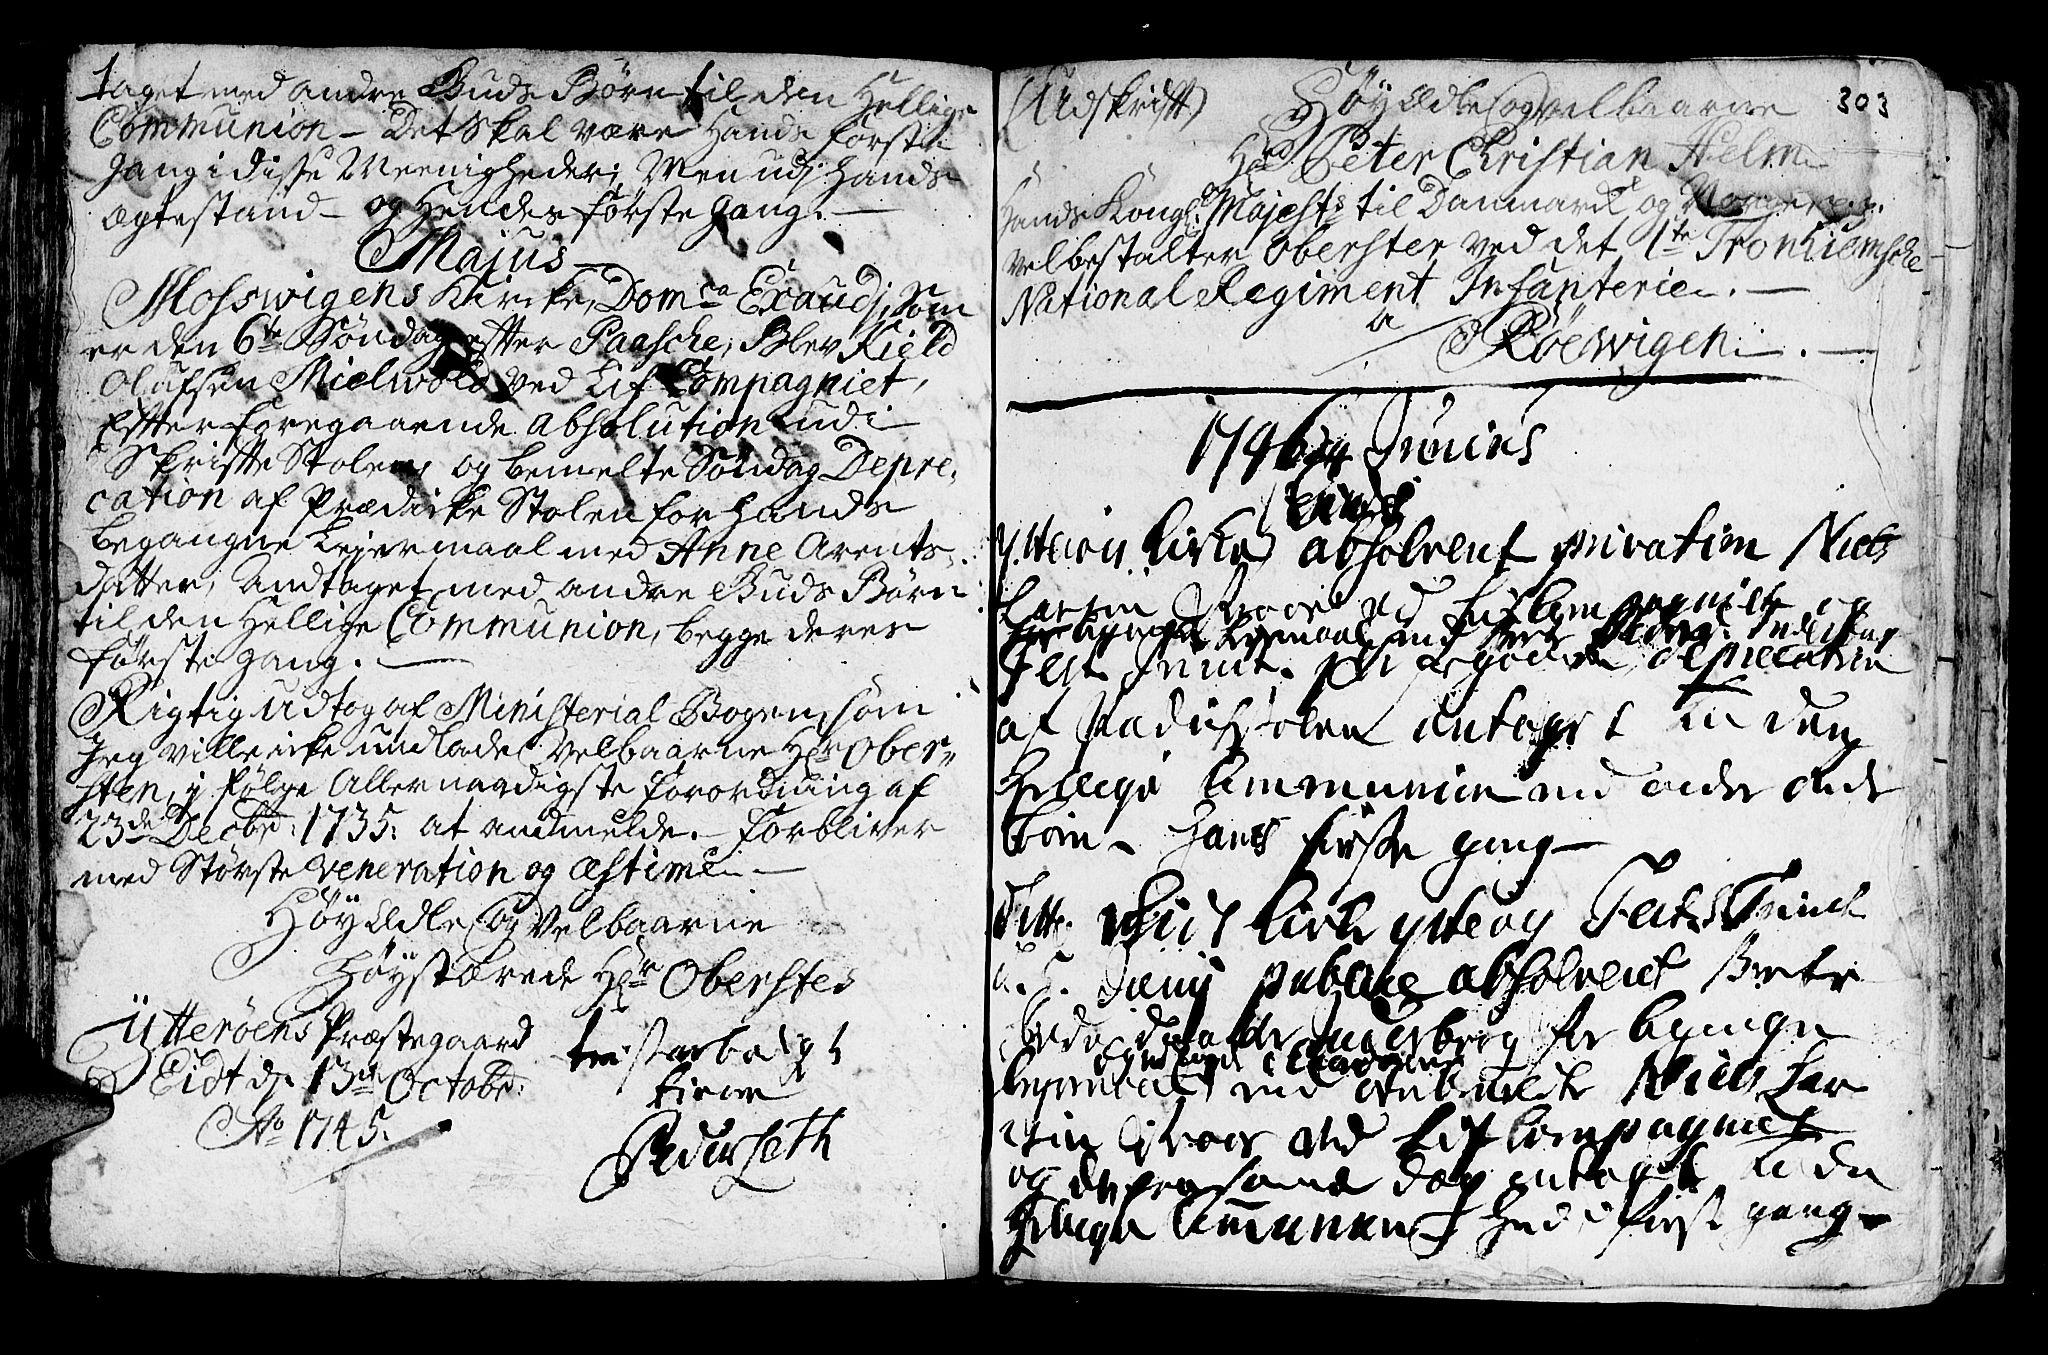 SAT, Ministerialprotokoller, klokkerbøker og fødselsregistre - Nord-Trøndelag, 722/L0215: Ministerialbok nr. 722A02, 1718-1755, s. 303